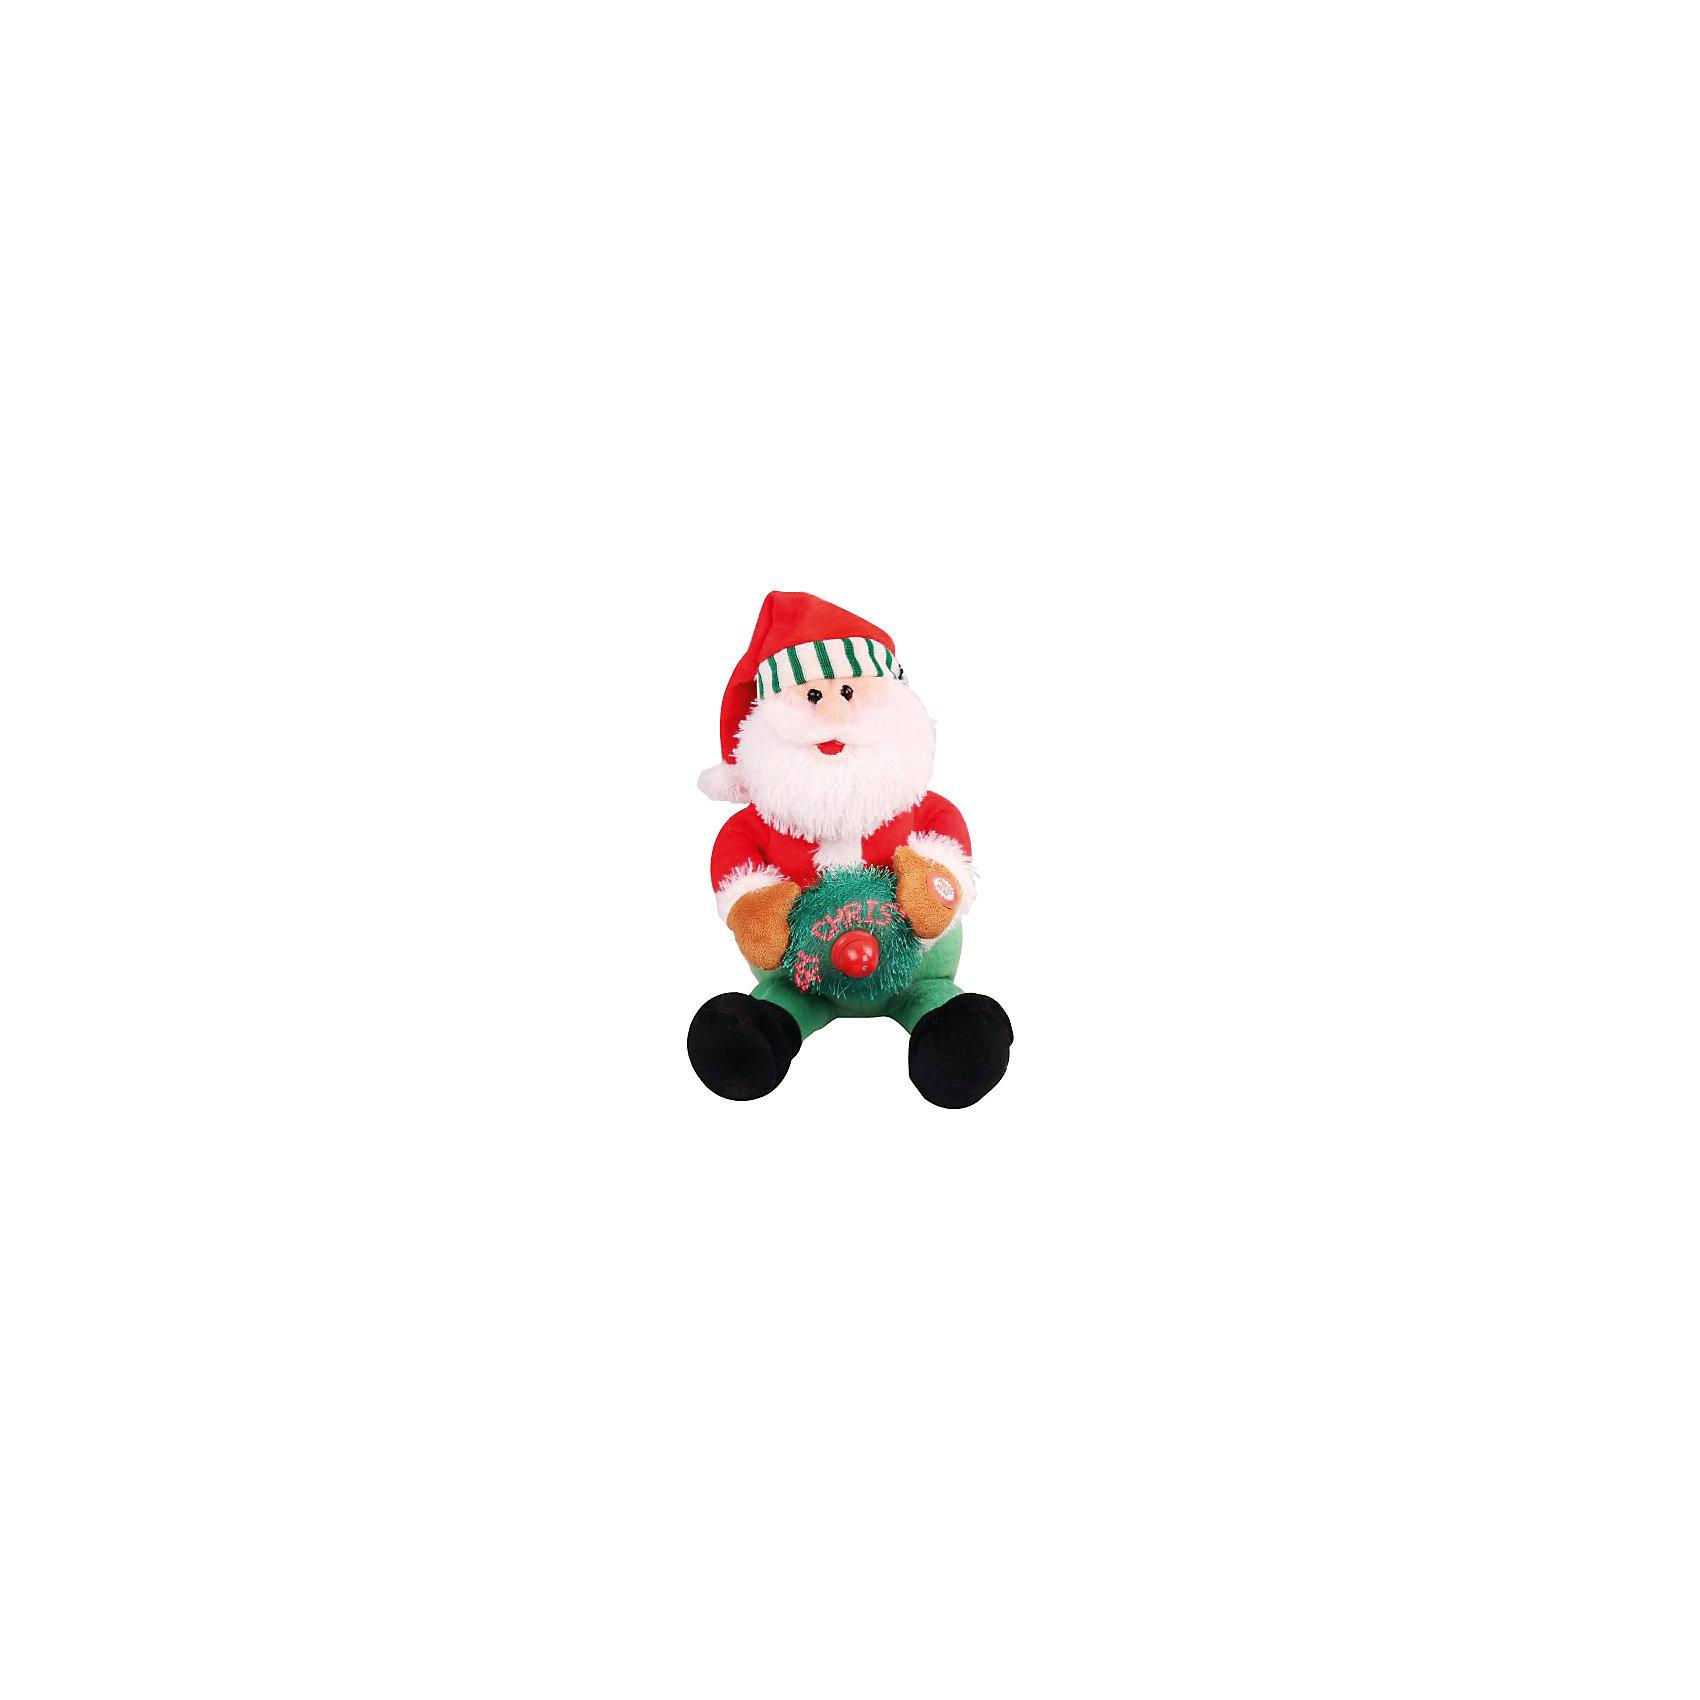 Дед Мороз (механический)Какой же очаровательный Дед Мороз! Эта игрушка - приятный подарок детям и взрослым. Дед Мороз поет рождественскую песенку. В руках у него есть мягкая подушечка с вентилятором. Когда он крутится, на нем появляется надпись « Merry Christmas », что означает «Веселого Рождества».<br><br>Ширина мм: 140<br>Глубина мм: 280<br>Высота мм: 170<br>Вес г: 525<br>Возраст от месяцев: 36<br>Возраст до месяцев: 420<br>Пол: Унисекс<br>Возраст: Детский<br>SKU: 5078404